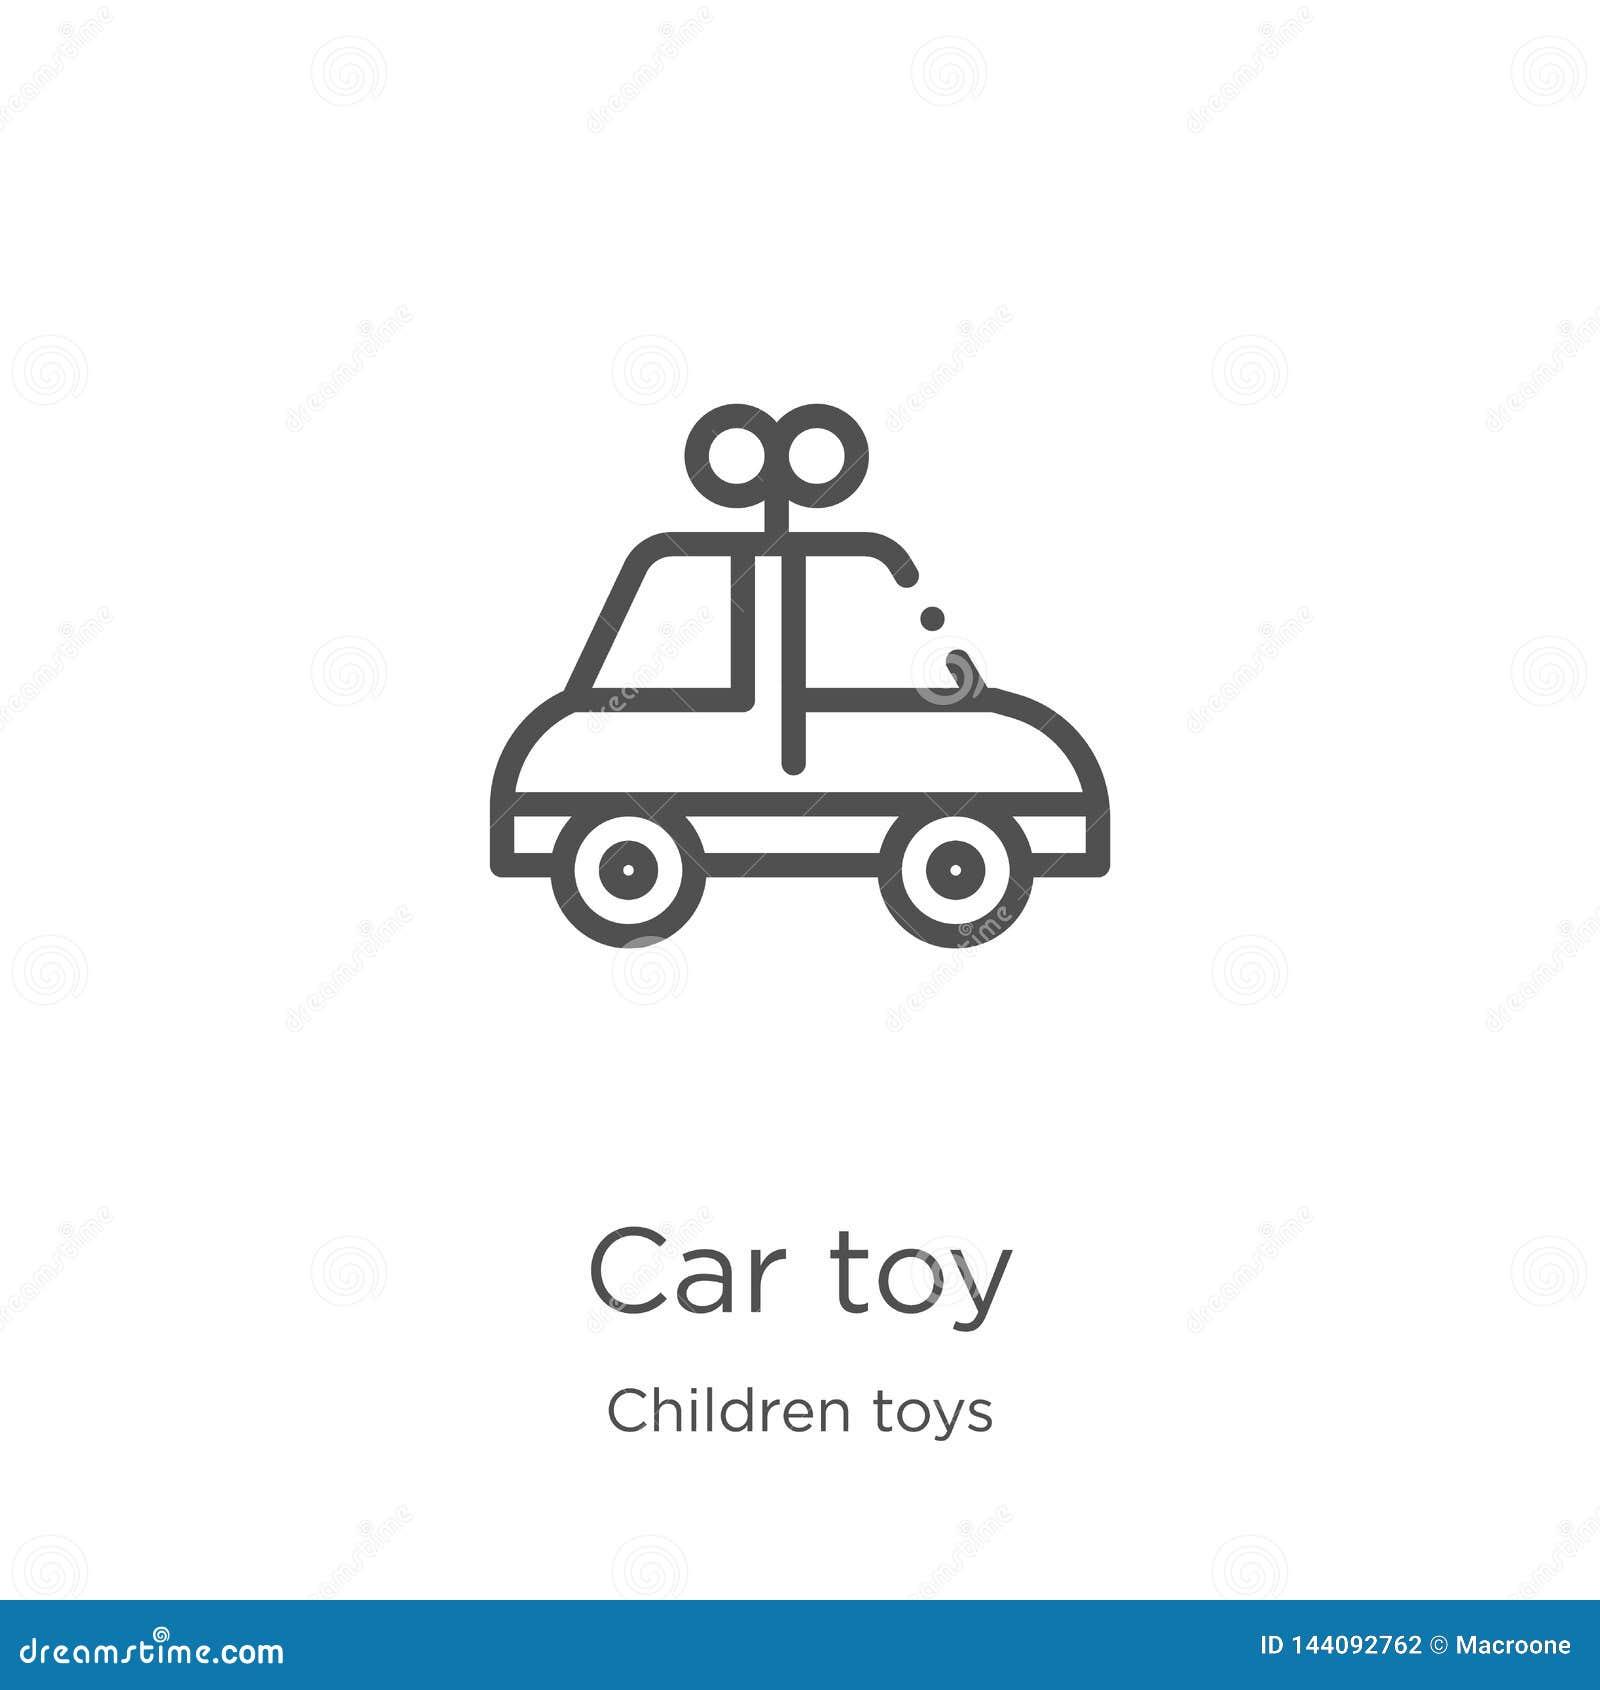 Vetor do ícone do brinquedo do carro da coleção dos brinquedos das crianças Linha fina ilustração do vetor do ícone do esboço do